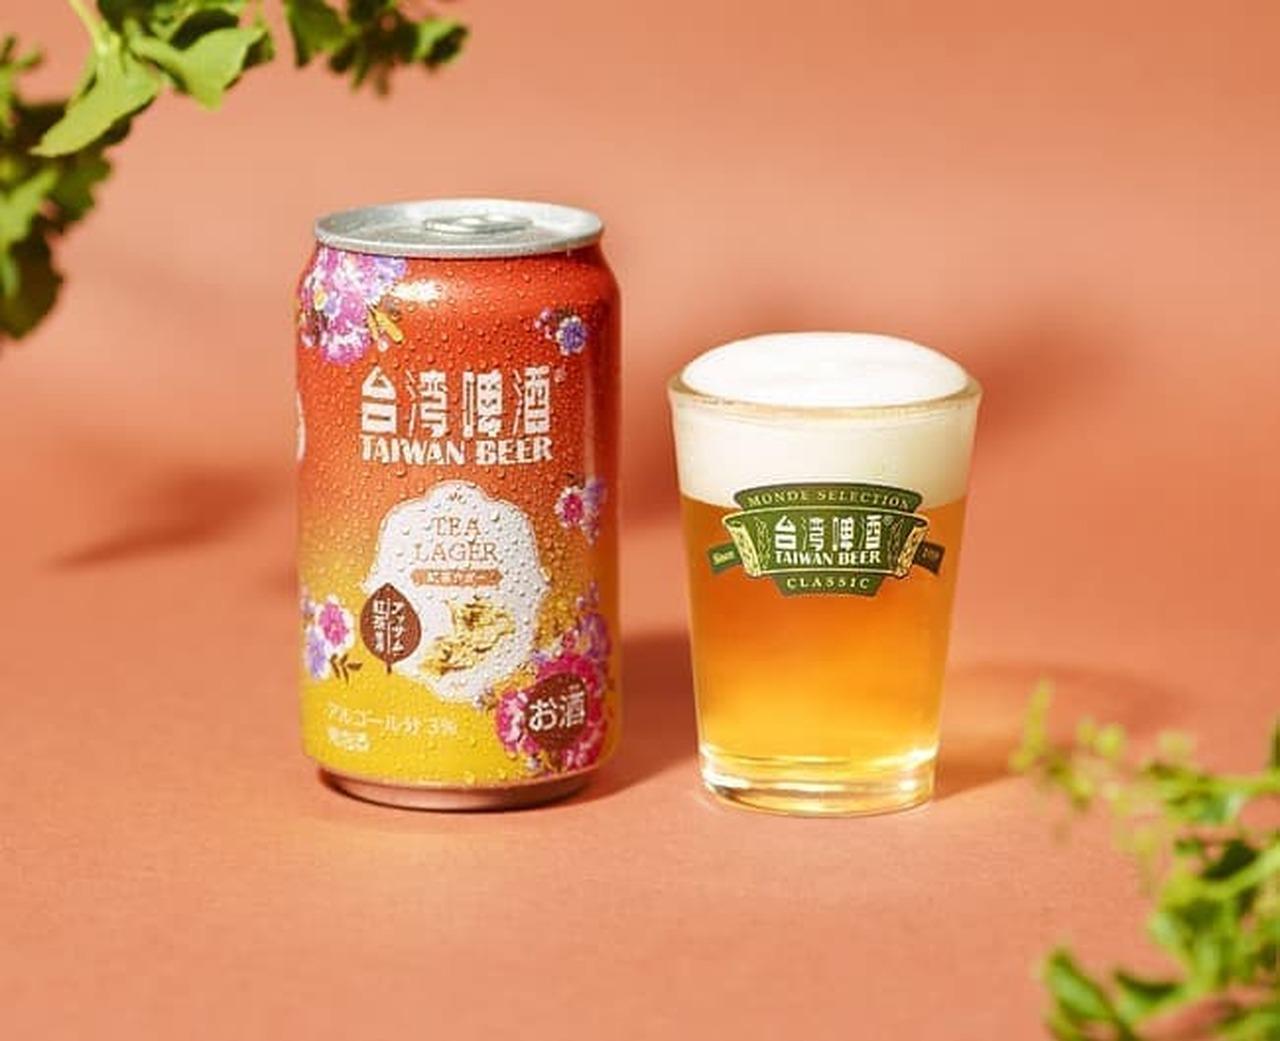 台湾ビール「紅茶ラガー」